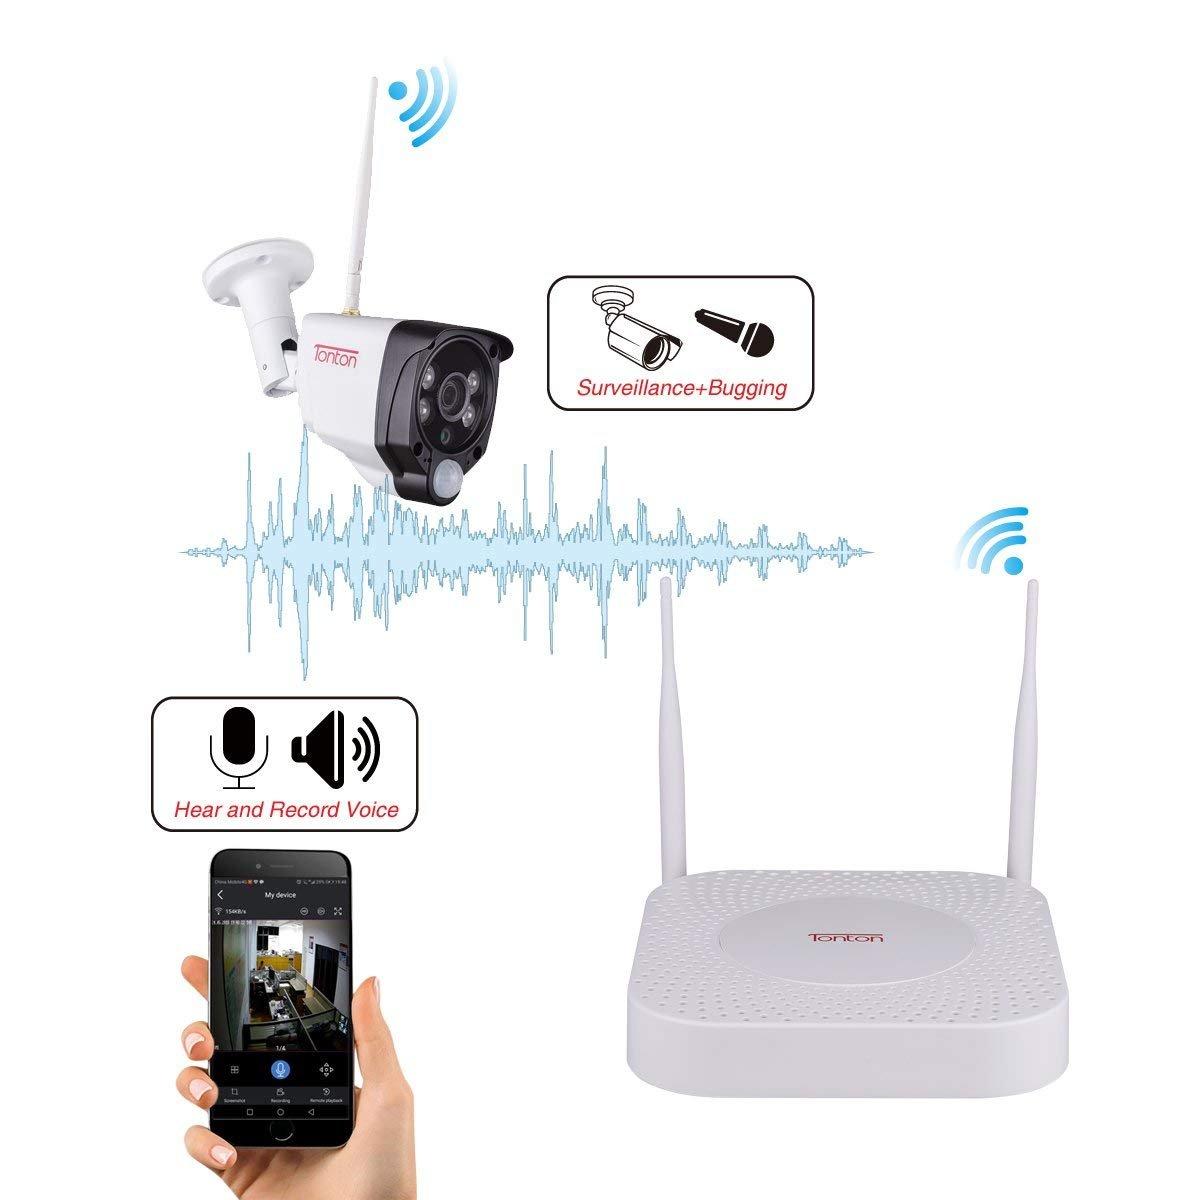 """8-Kanal 1080p NVR Set mit 4PCS 2.0MP IP Kameras Innen und Au/ßen Remote Audio/übertragung Seagate 1TB Festplatte All-in-1 WLAN /Überwachungskamera Set mit 15.6/"""" Zoll Monitor PIR W/ärmesensor und Audio"""